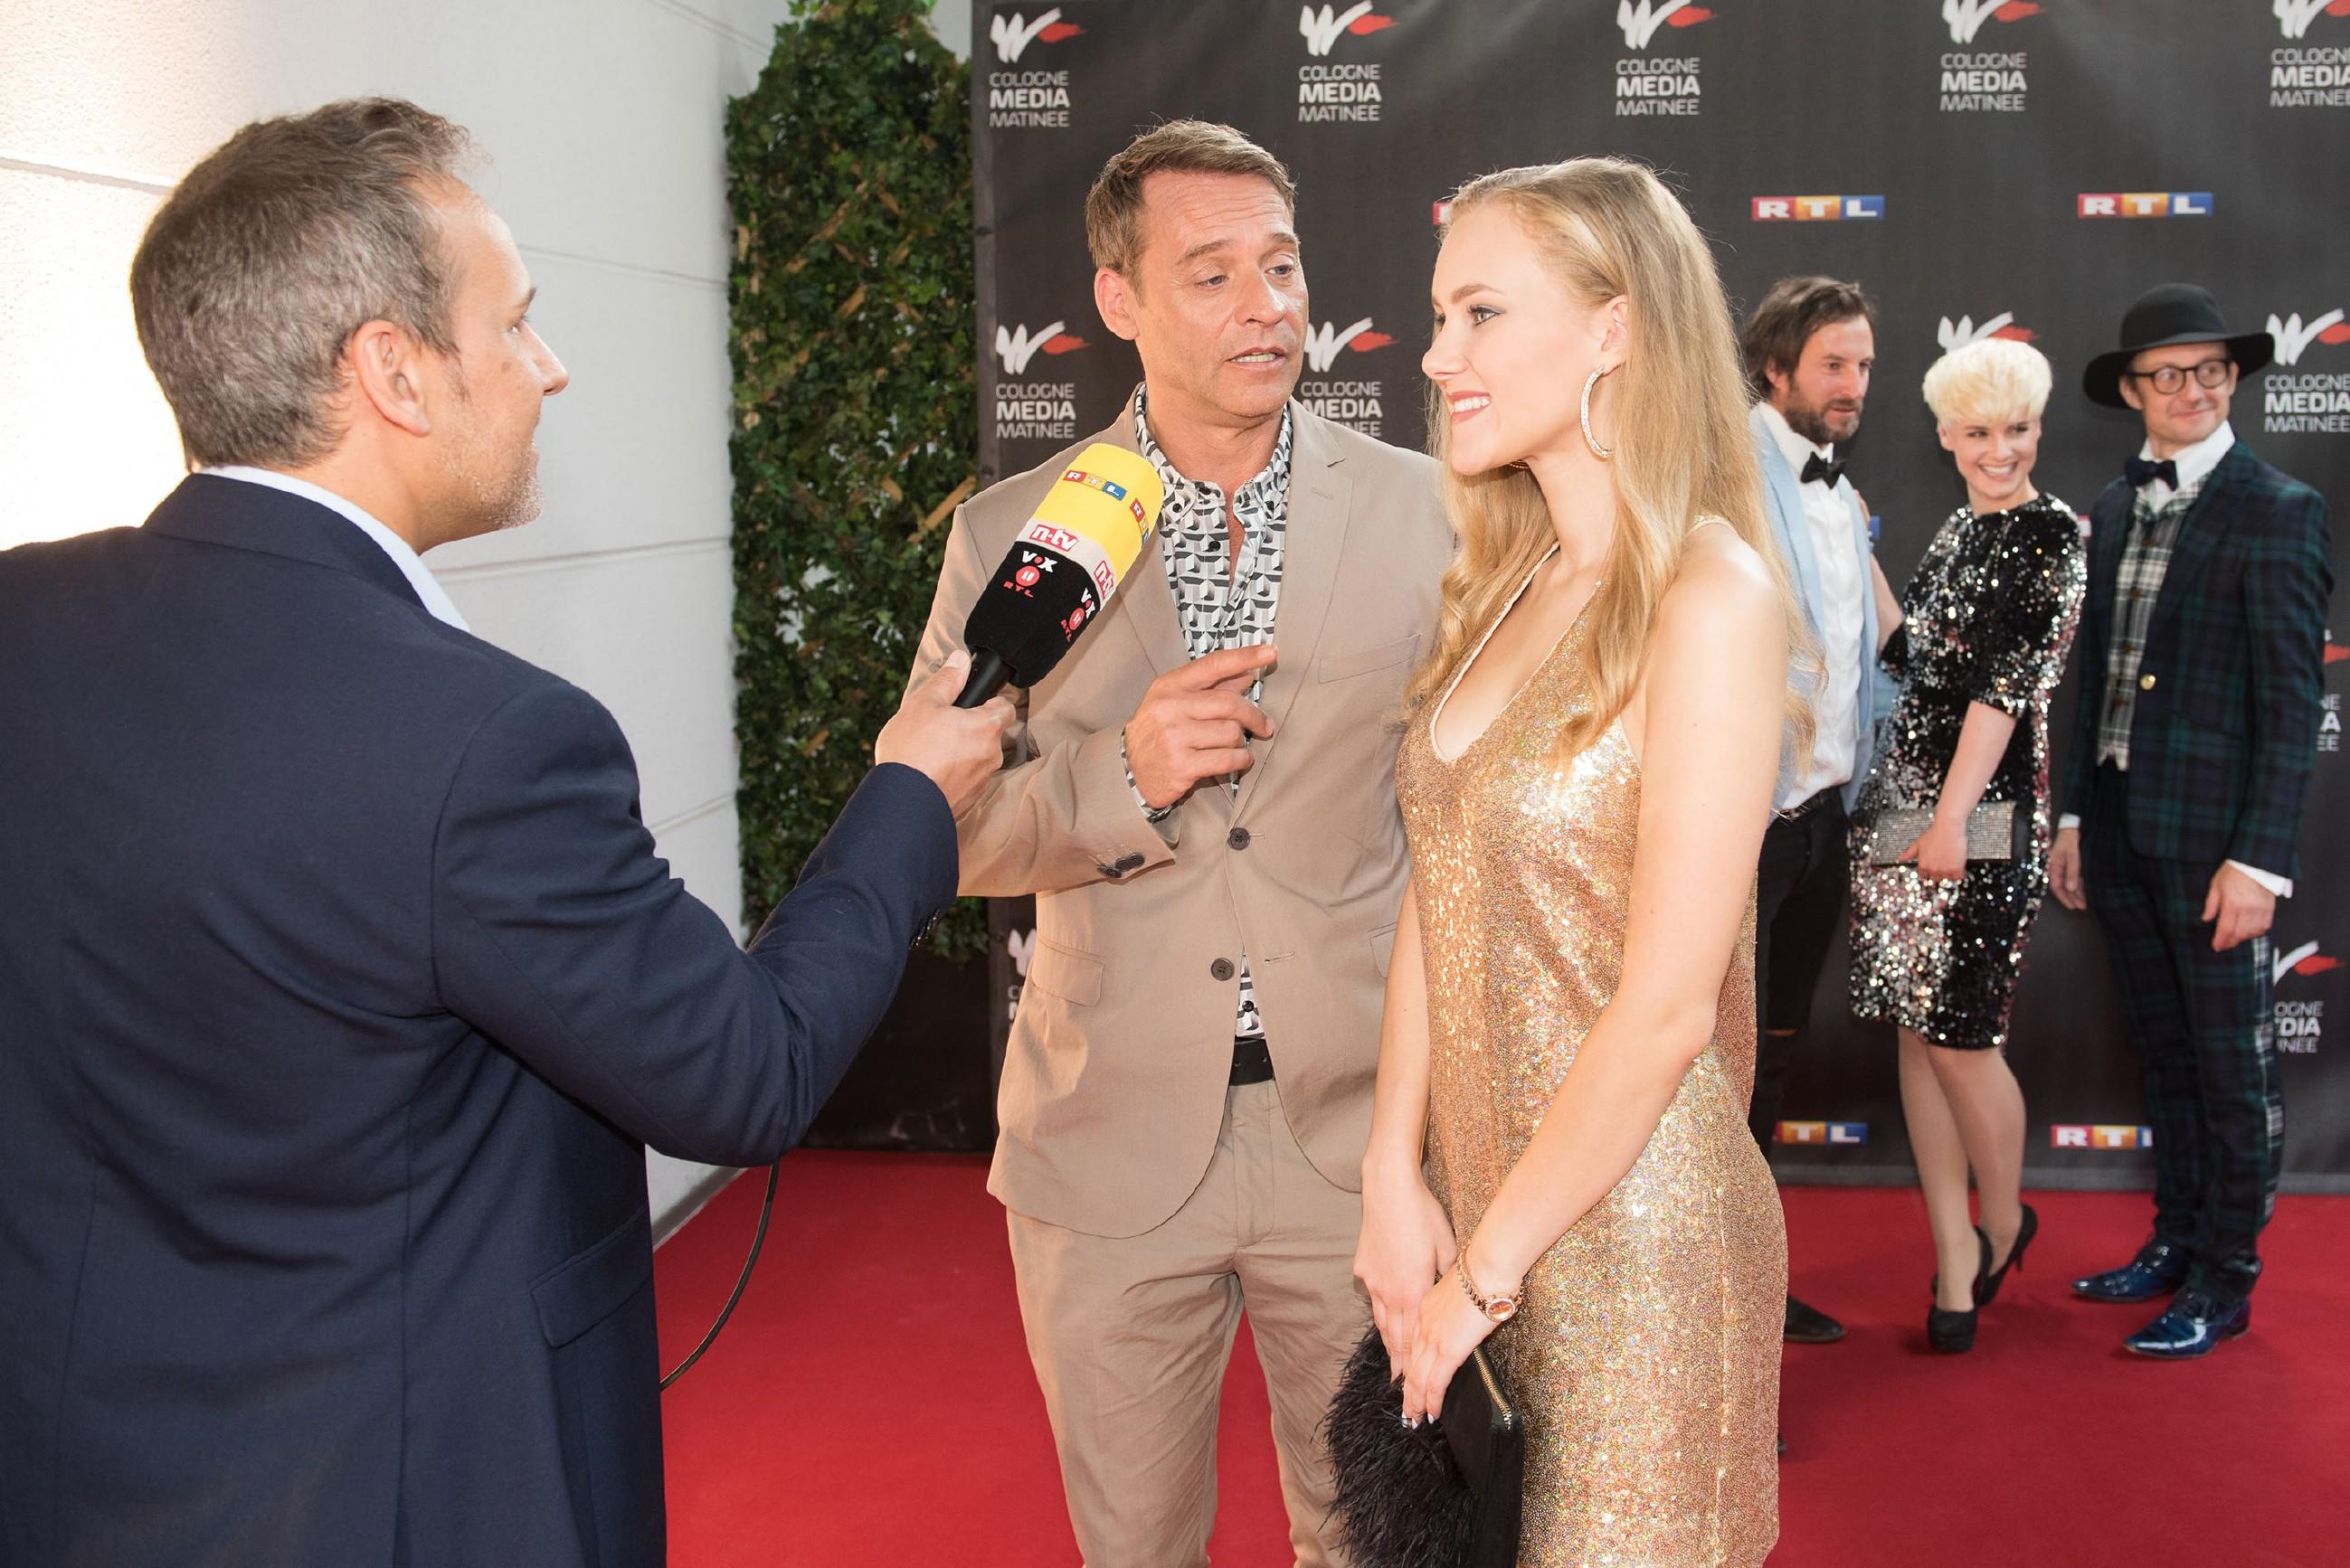 KayC (Pauline Angert) überrascht Rufus (Kai Noll, M.), indem sie plötzlich bei dem Promi-Event gutgelaunt neben ihm auf dem roten Teppich steht... (l. Komparse)(Quelle: RTL / Stefan Behrens)